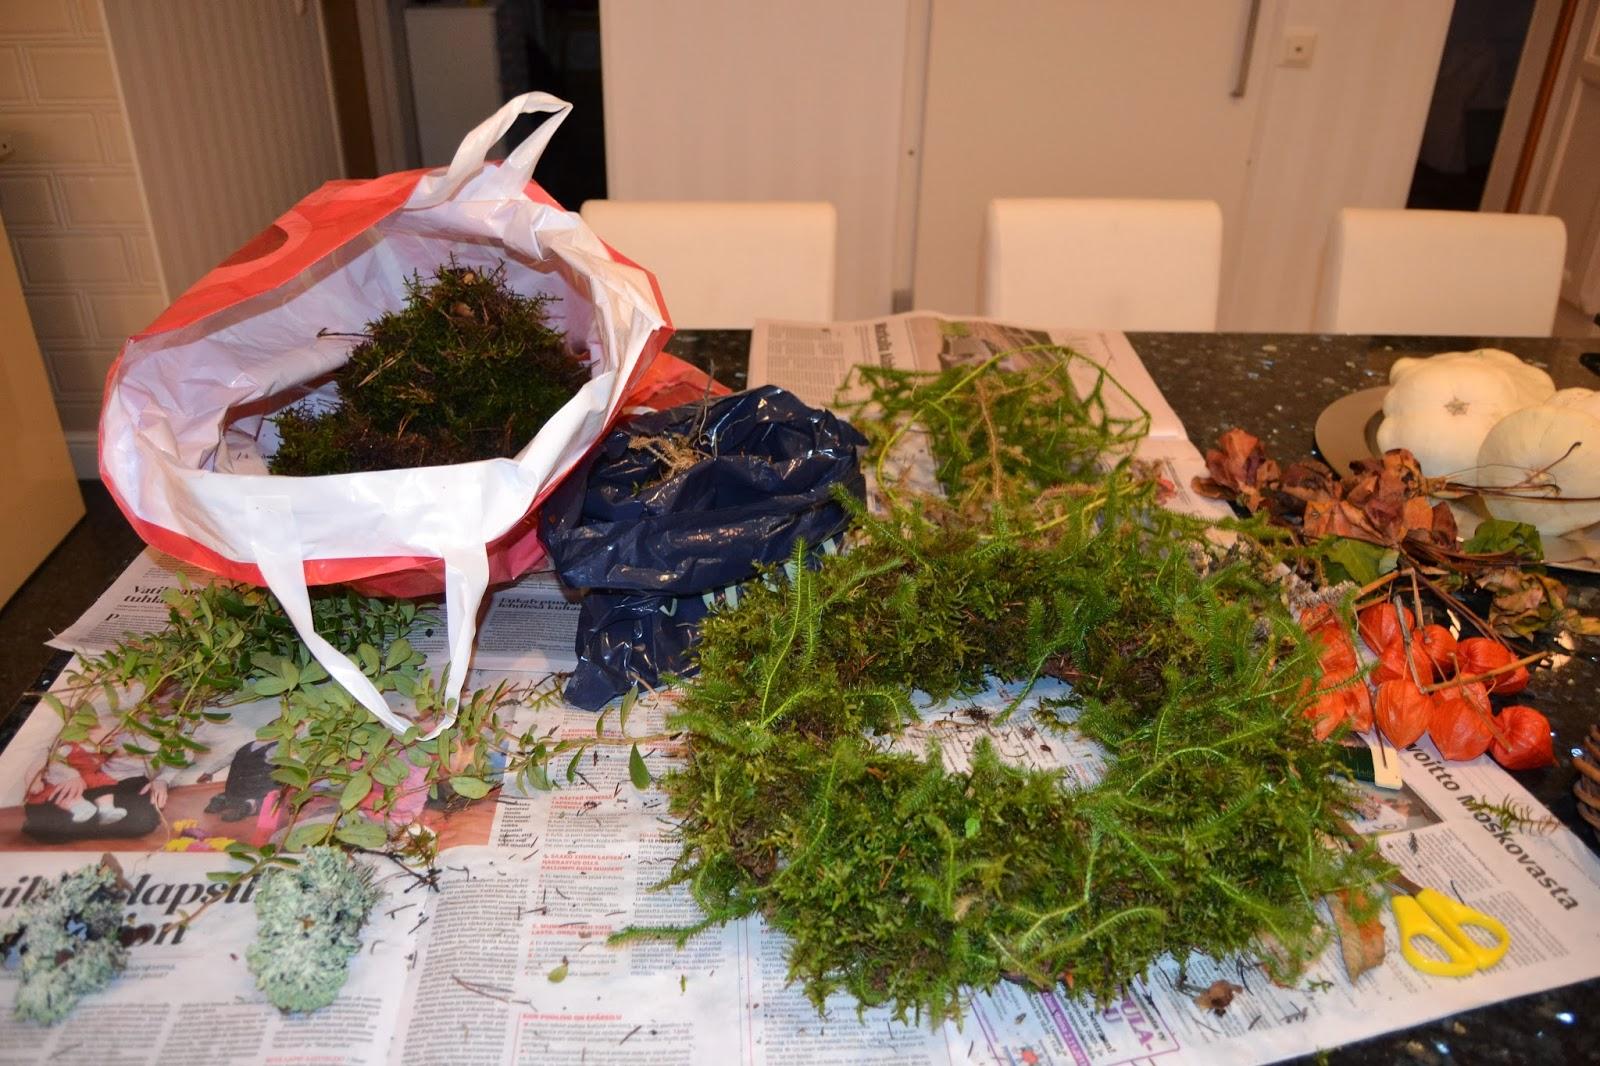 Kranssia pukkaa… – Making wreaths…